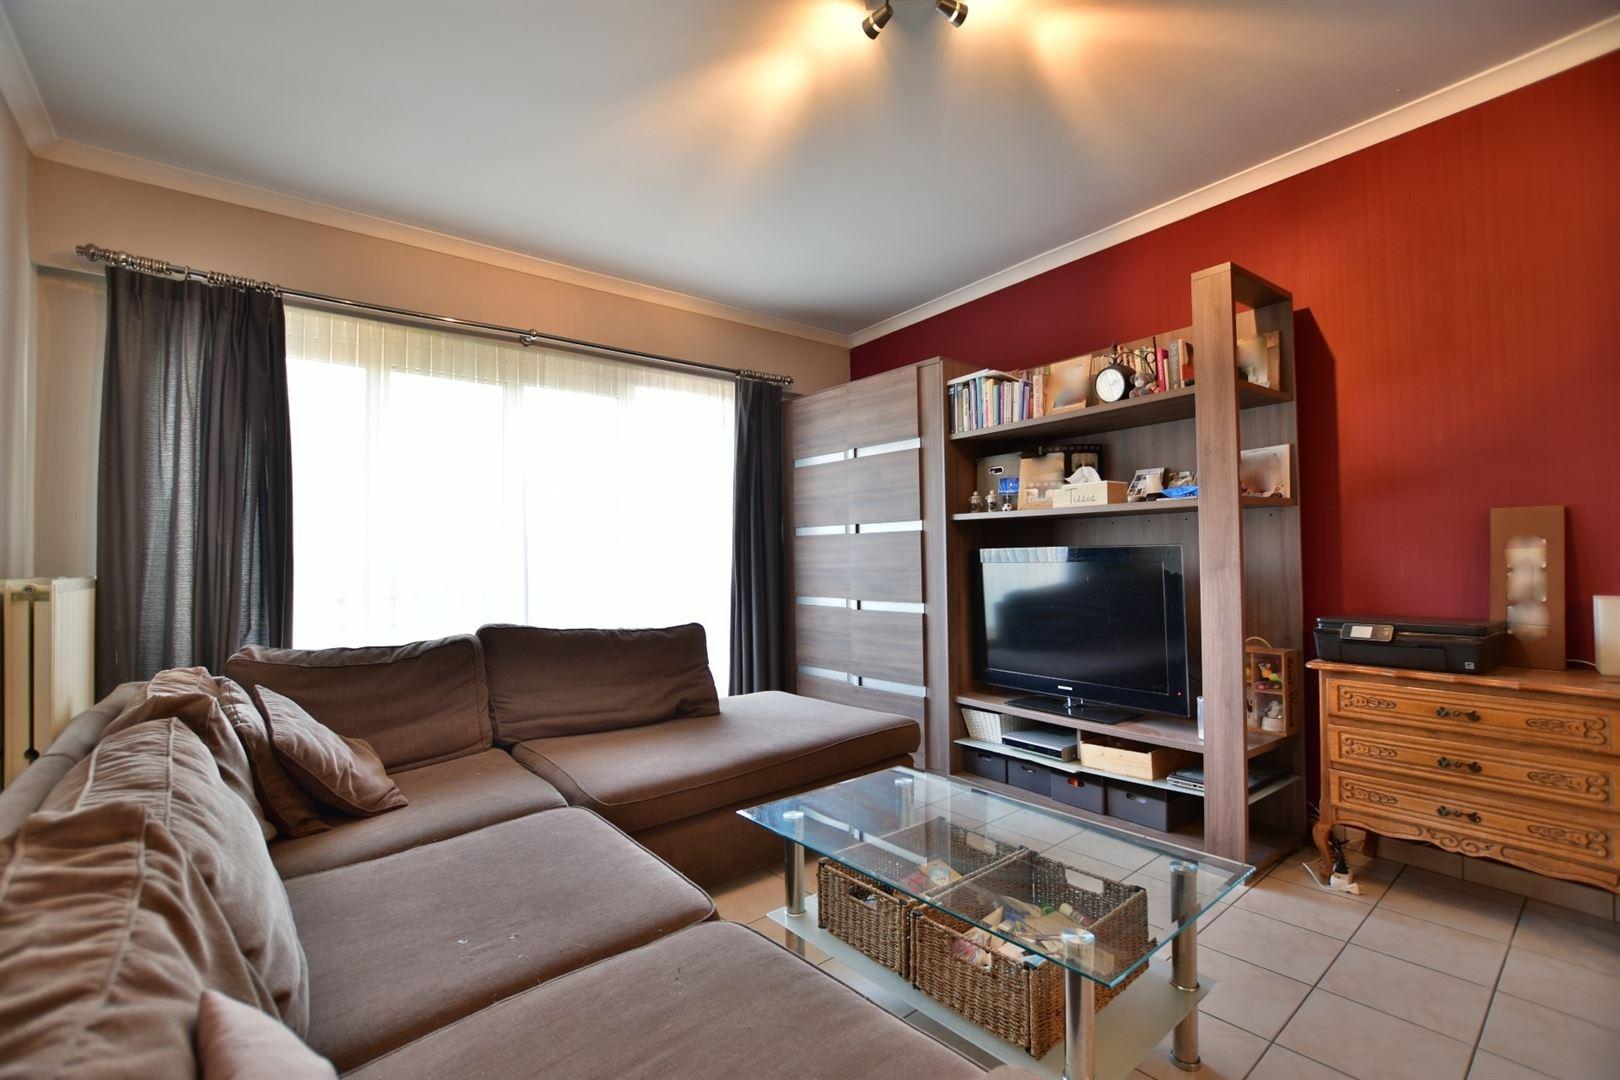 Foto 4 : Appartement te 9200 APPELS (België) - Prijs € 190.000